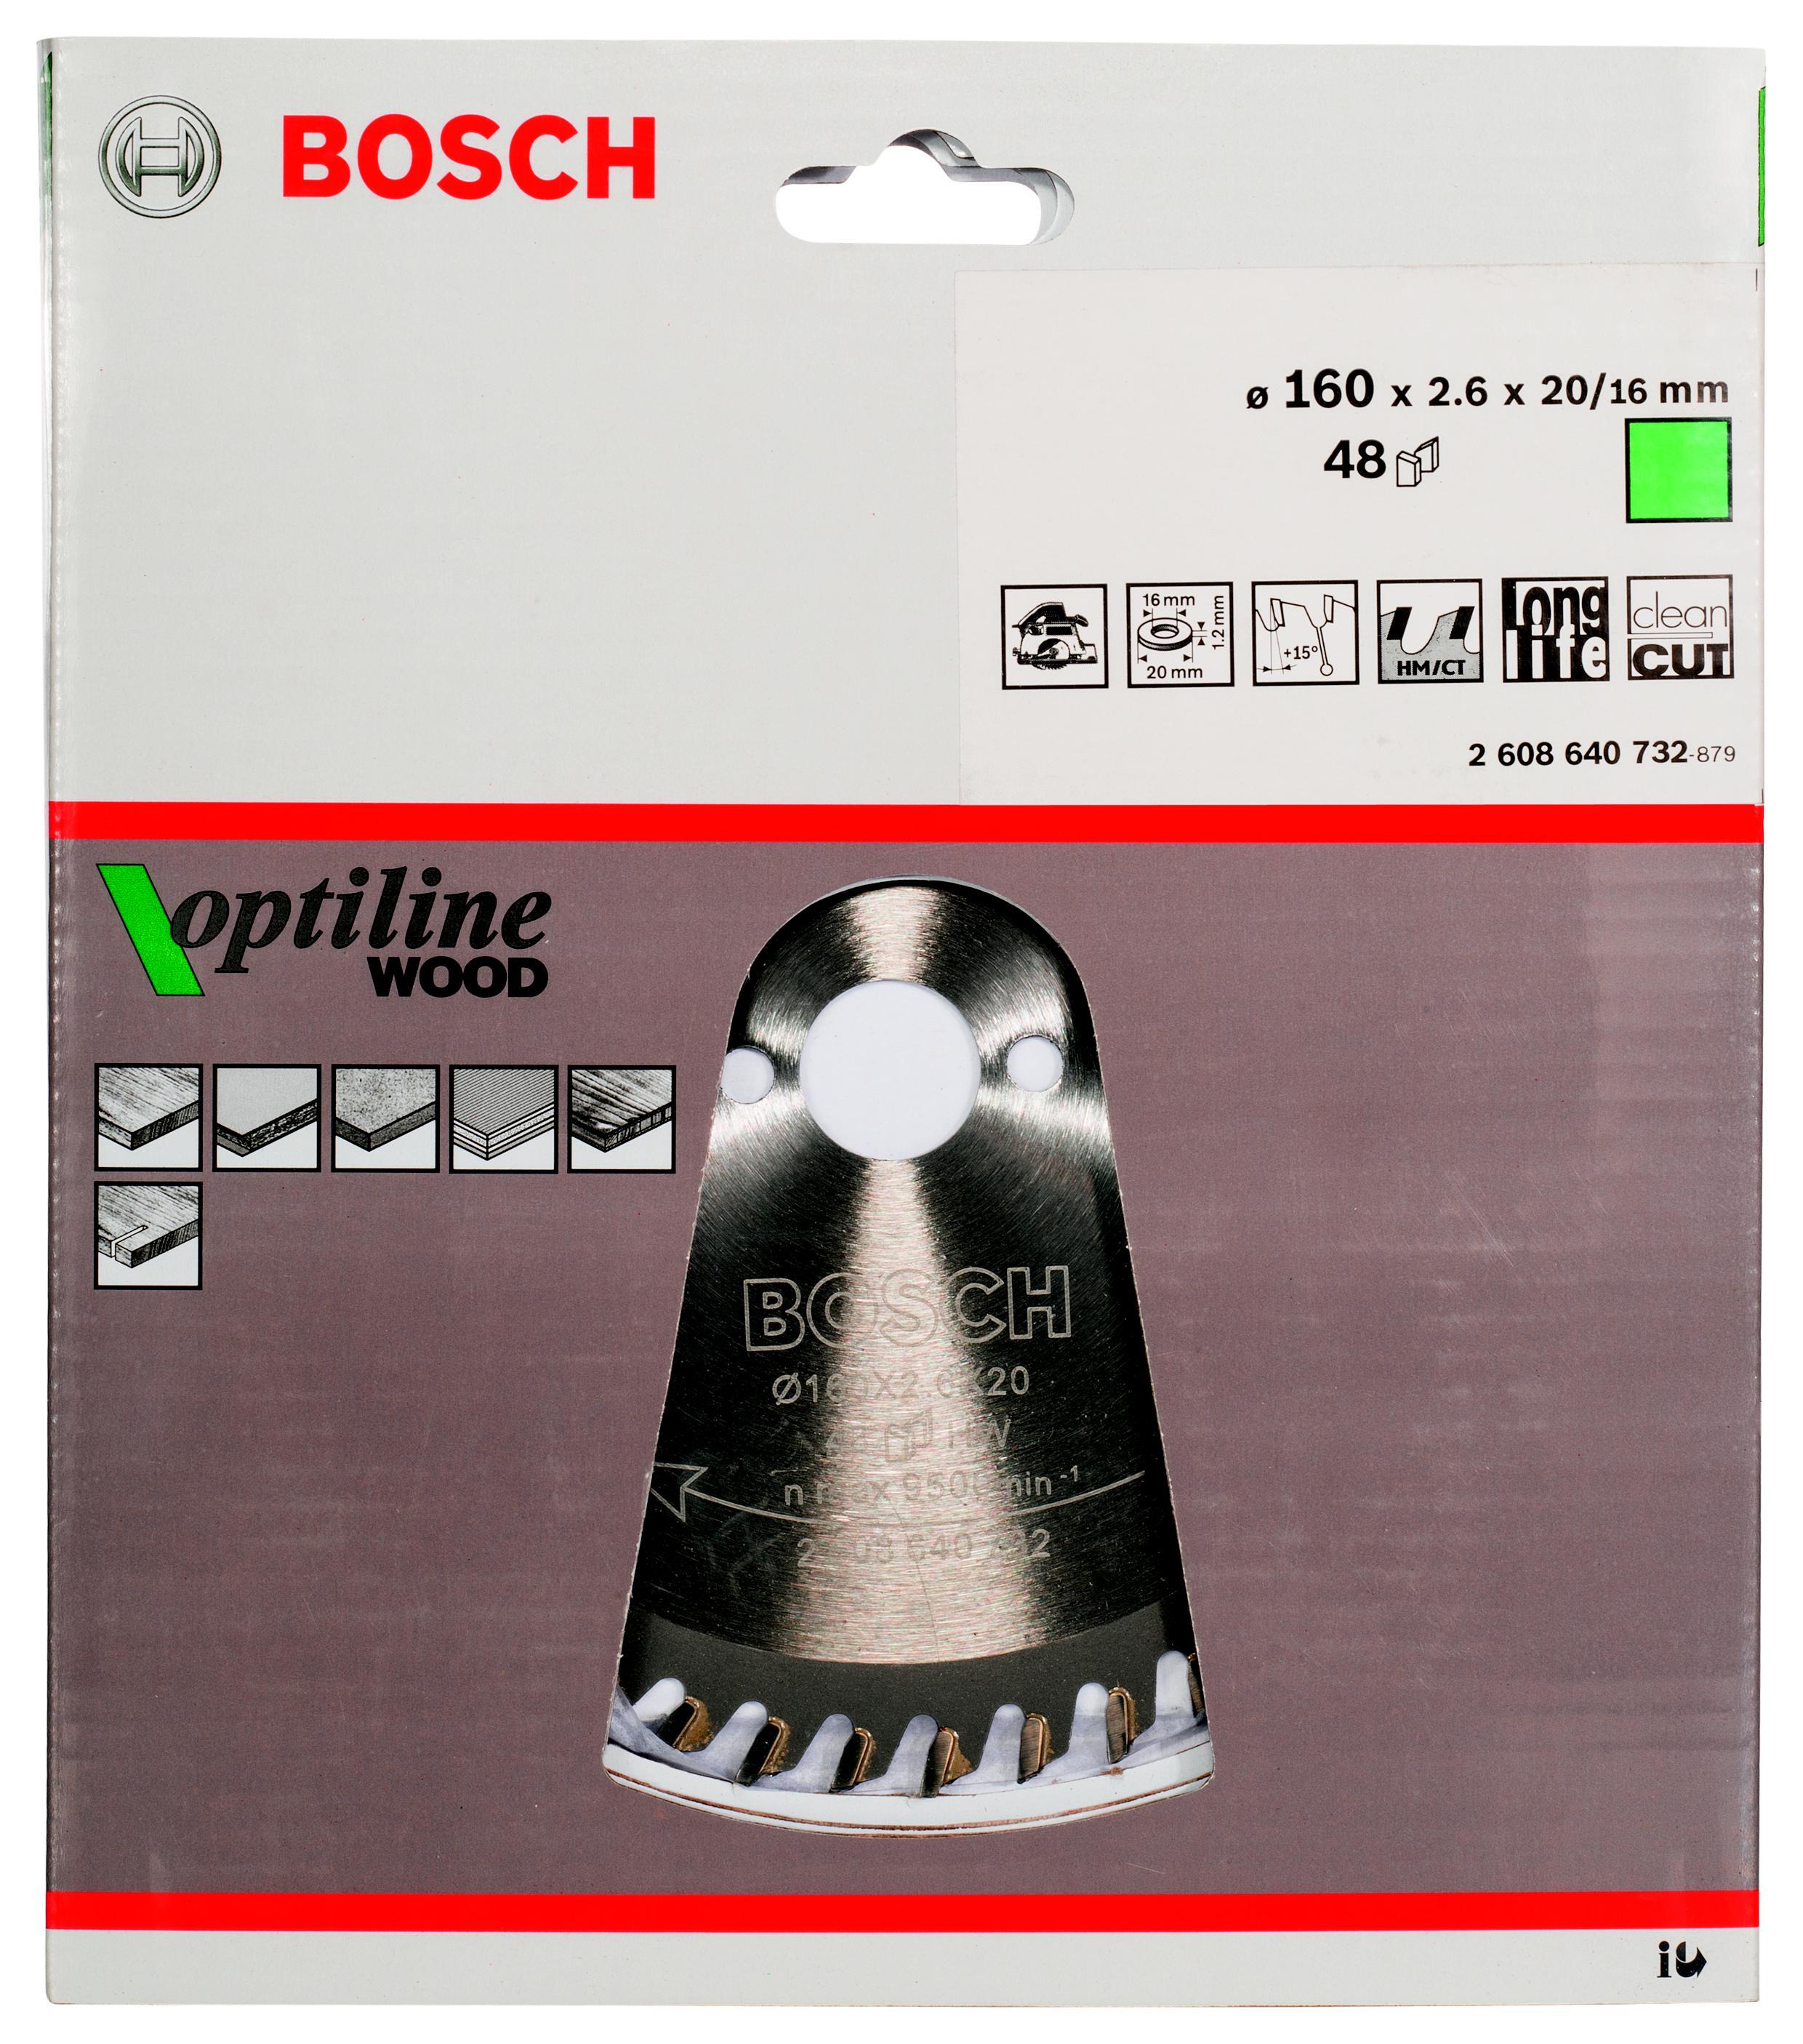 Диск пильный твердосплавный Bosch Optiline wood 160x48x20/16 (2.608.640.732) диск пильный твердосплавный bosch optiline wood 305x60x30 gcm 12 2 608 640 441